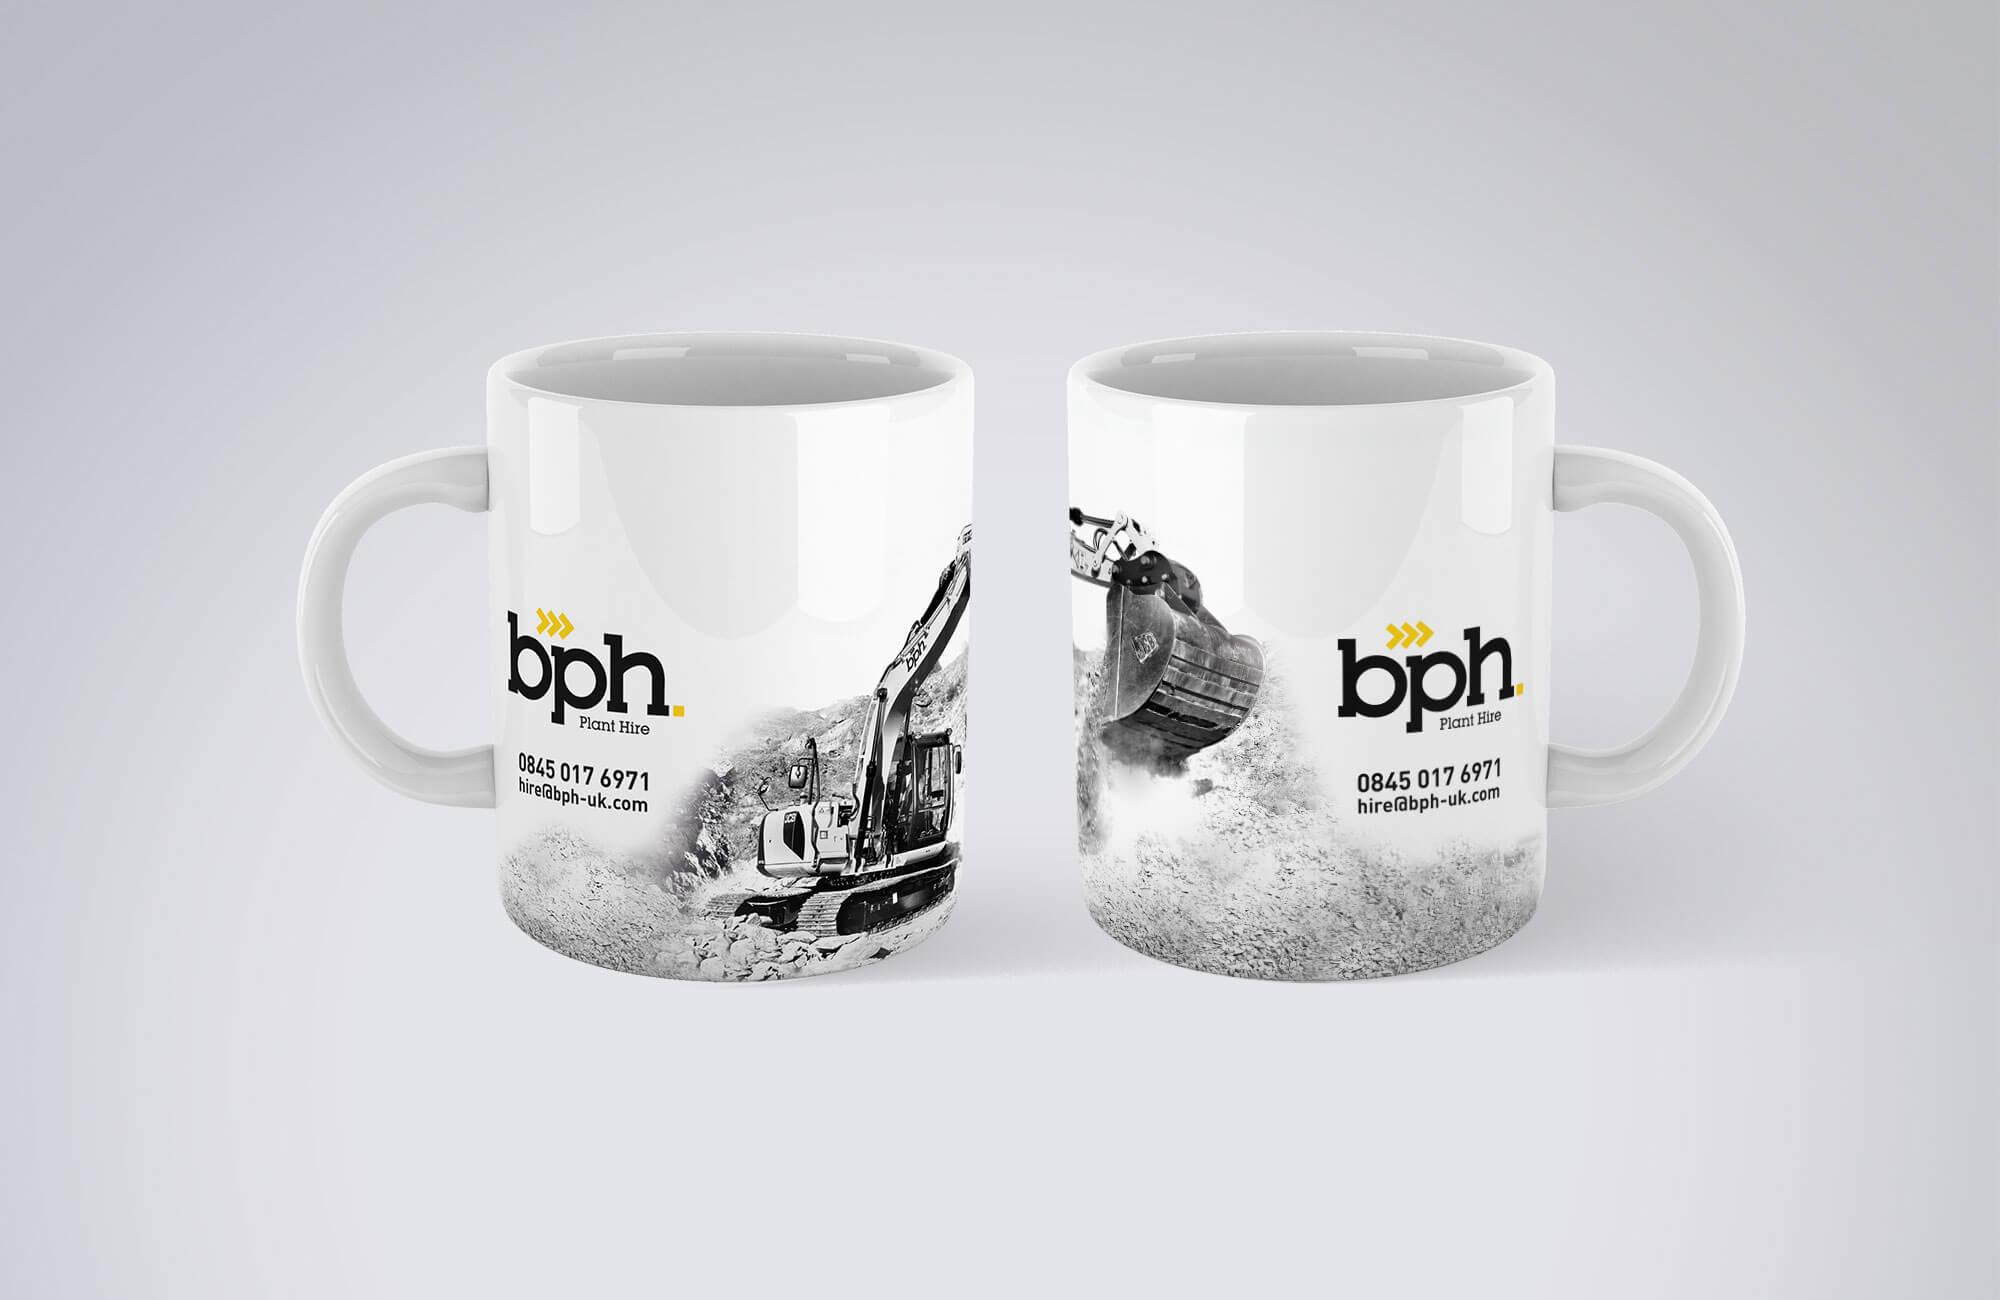 BPH Branded Mug